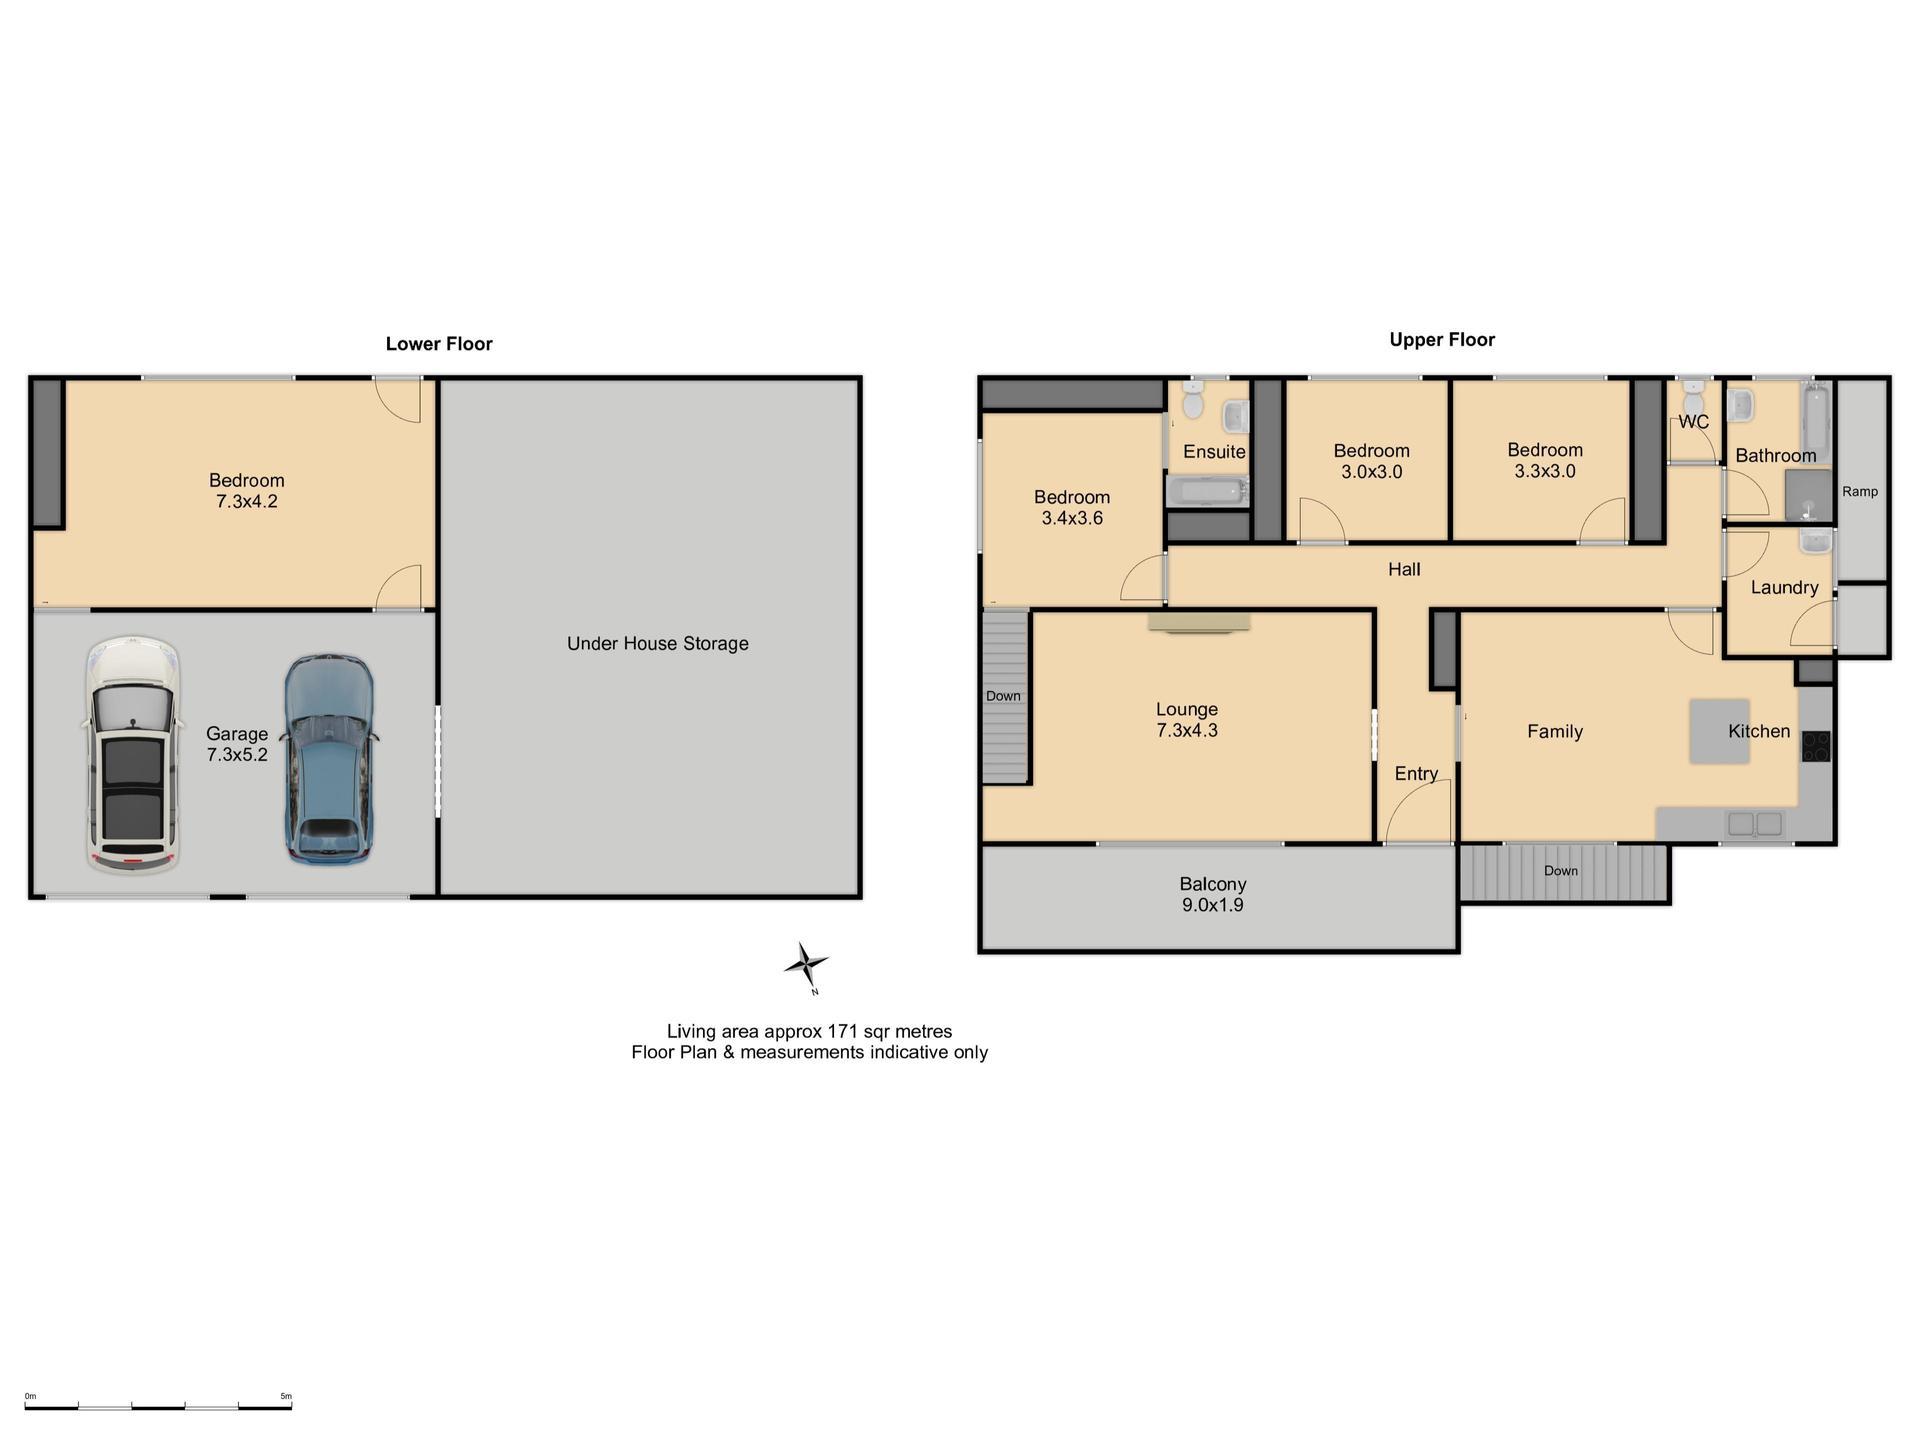 16 Karimi Way - Floor Plan